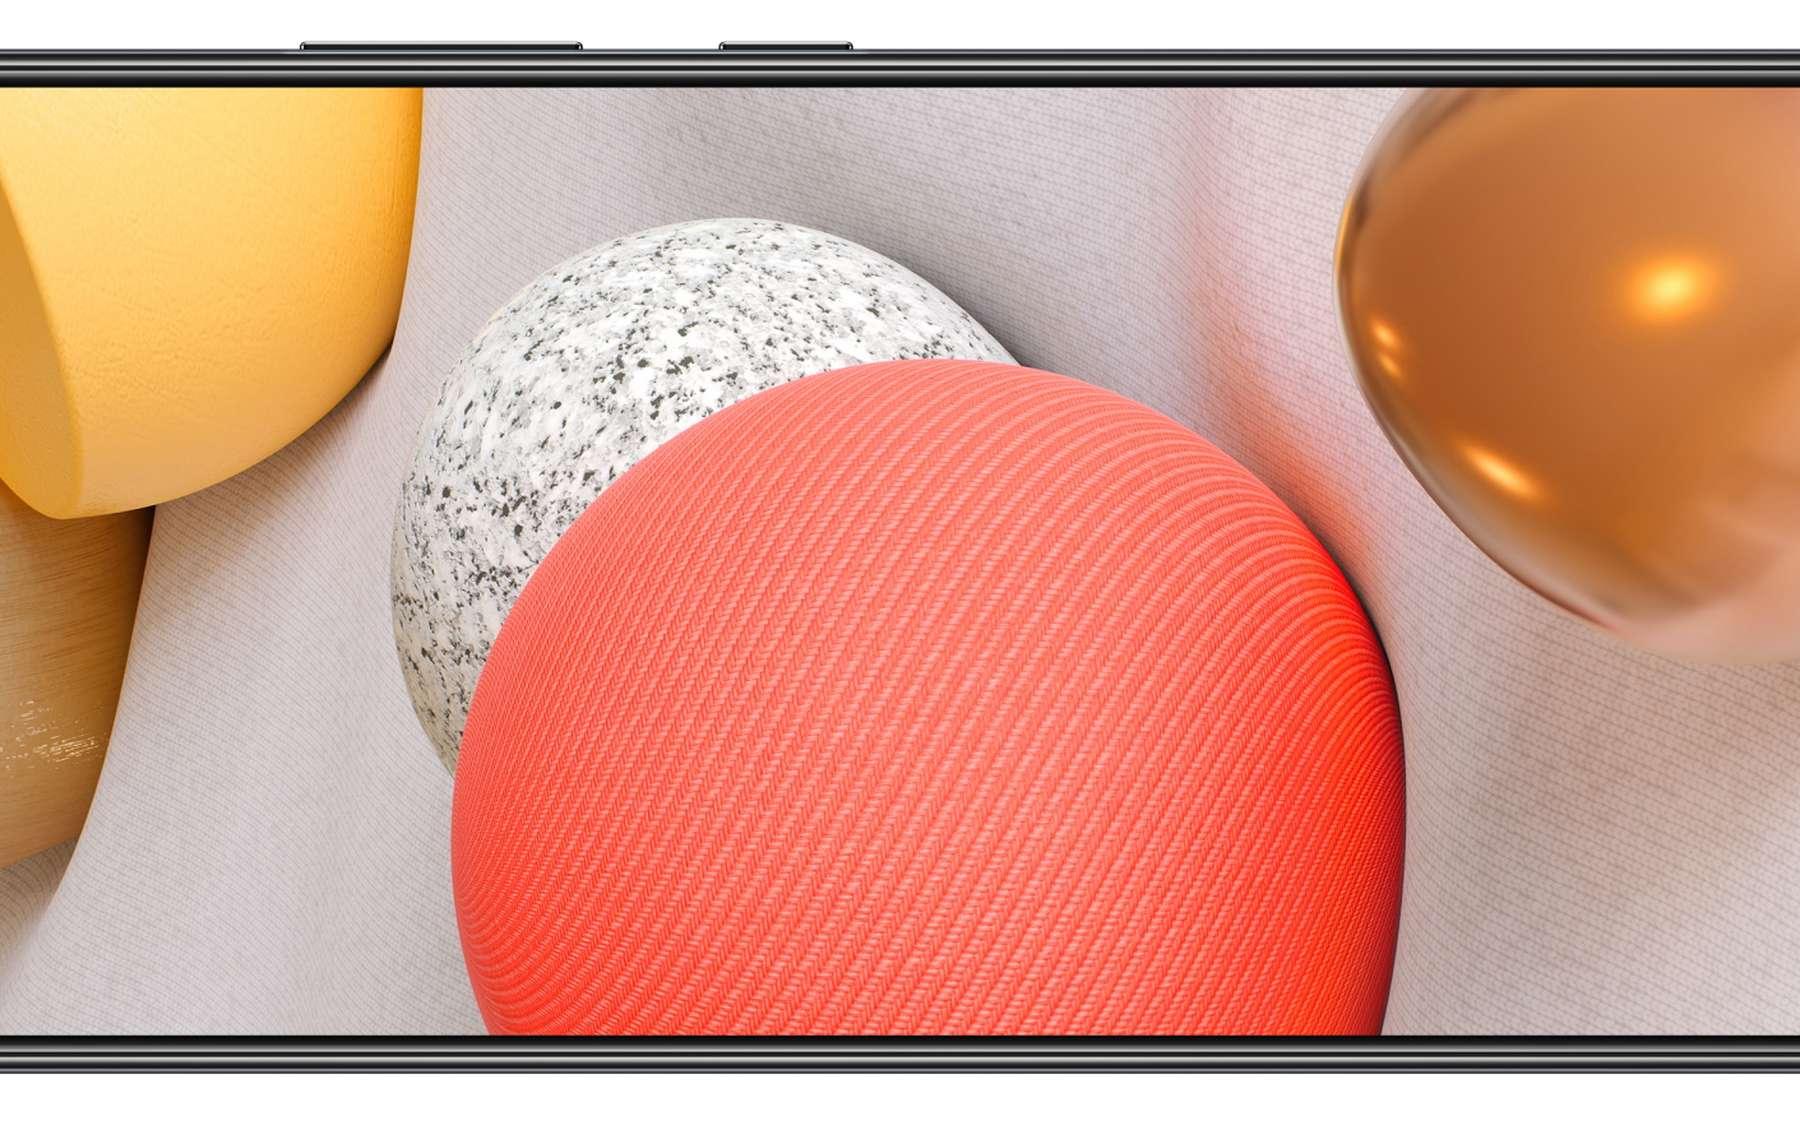 Le nouveau Samsung Galaxy A42 5G sera le mobile 5G le plus abordable de la firme. © Samsung